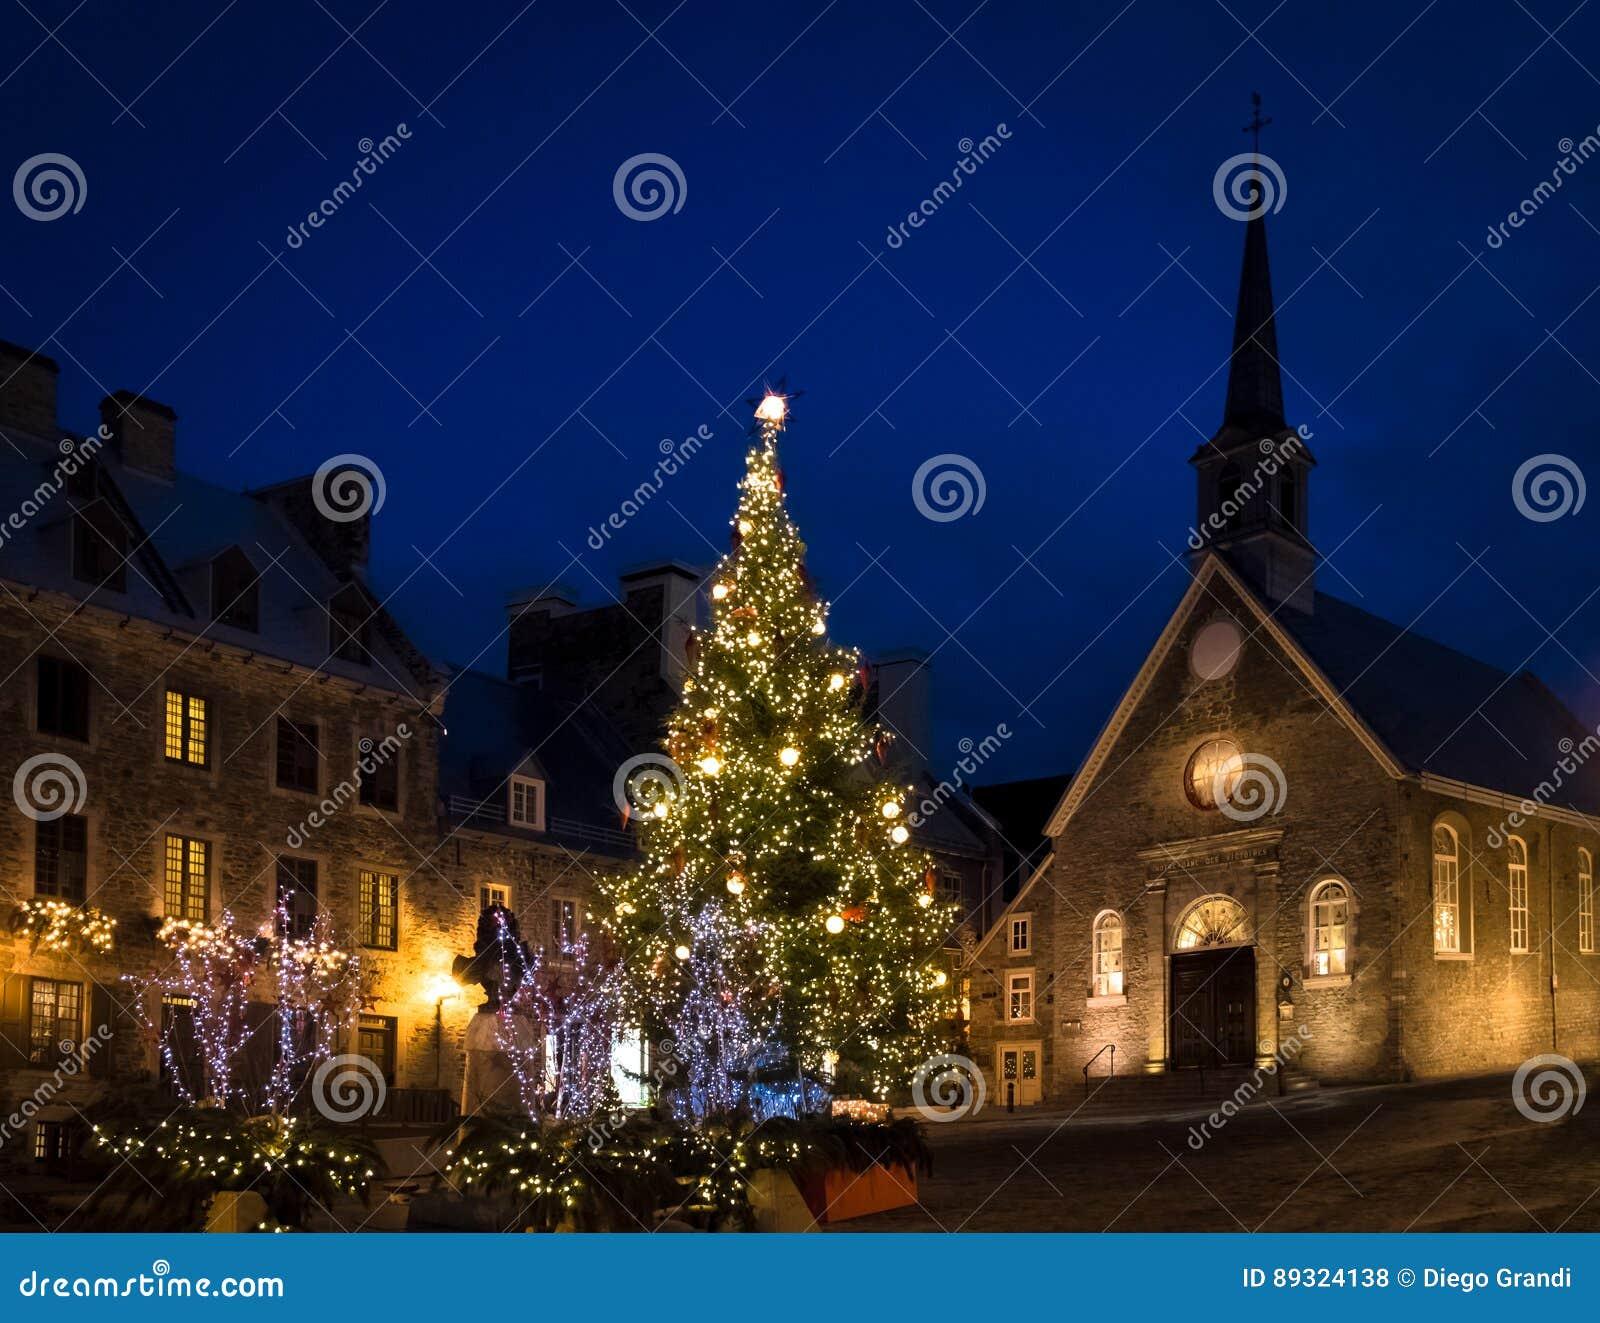 Des площади и Нотр-Дам Пляс Руаяль церковь украшенная для рождества на ноче - Квебек (город) побед королевского, Канада